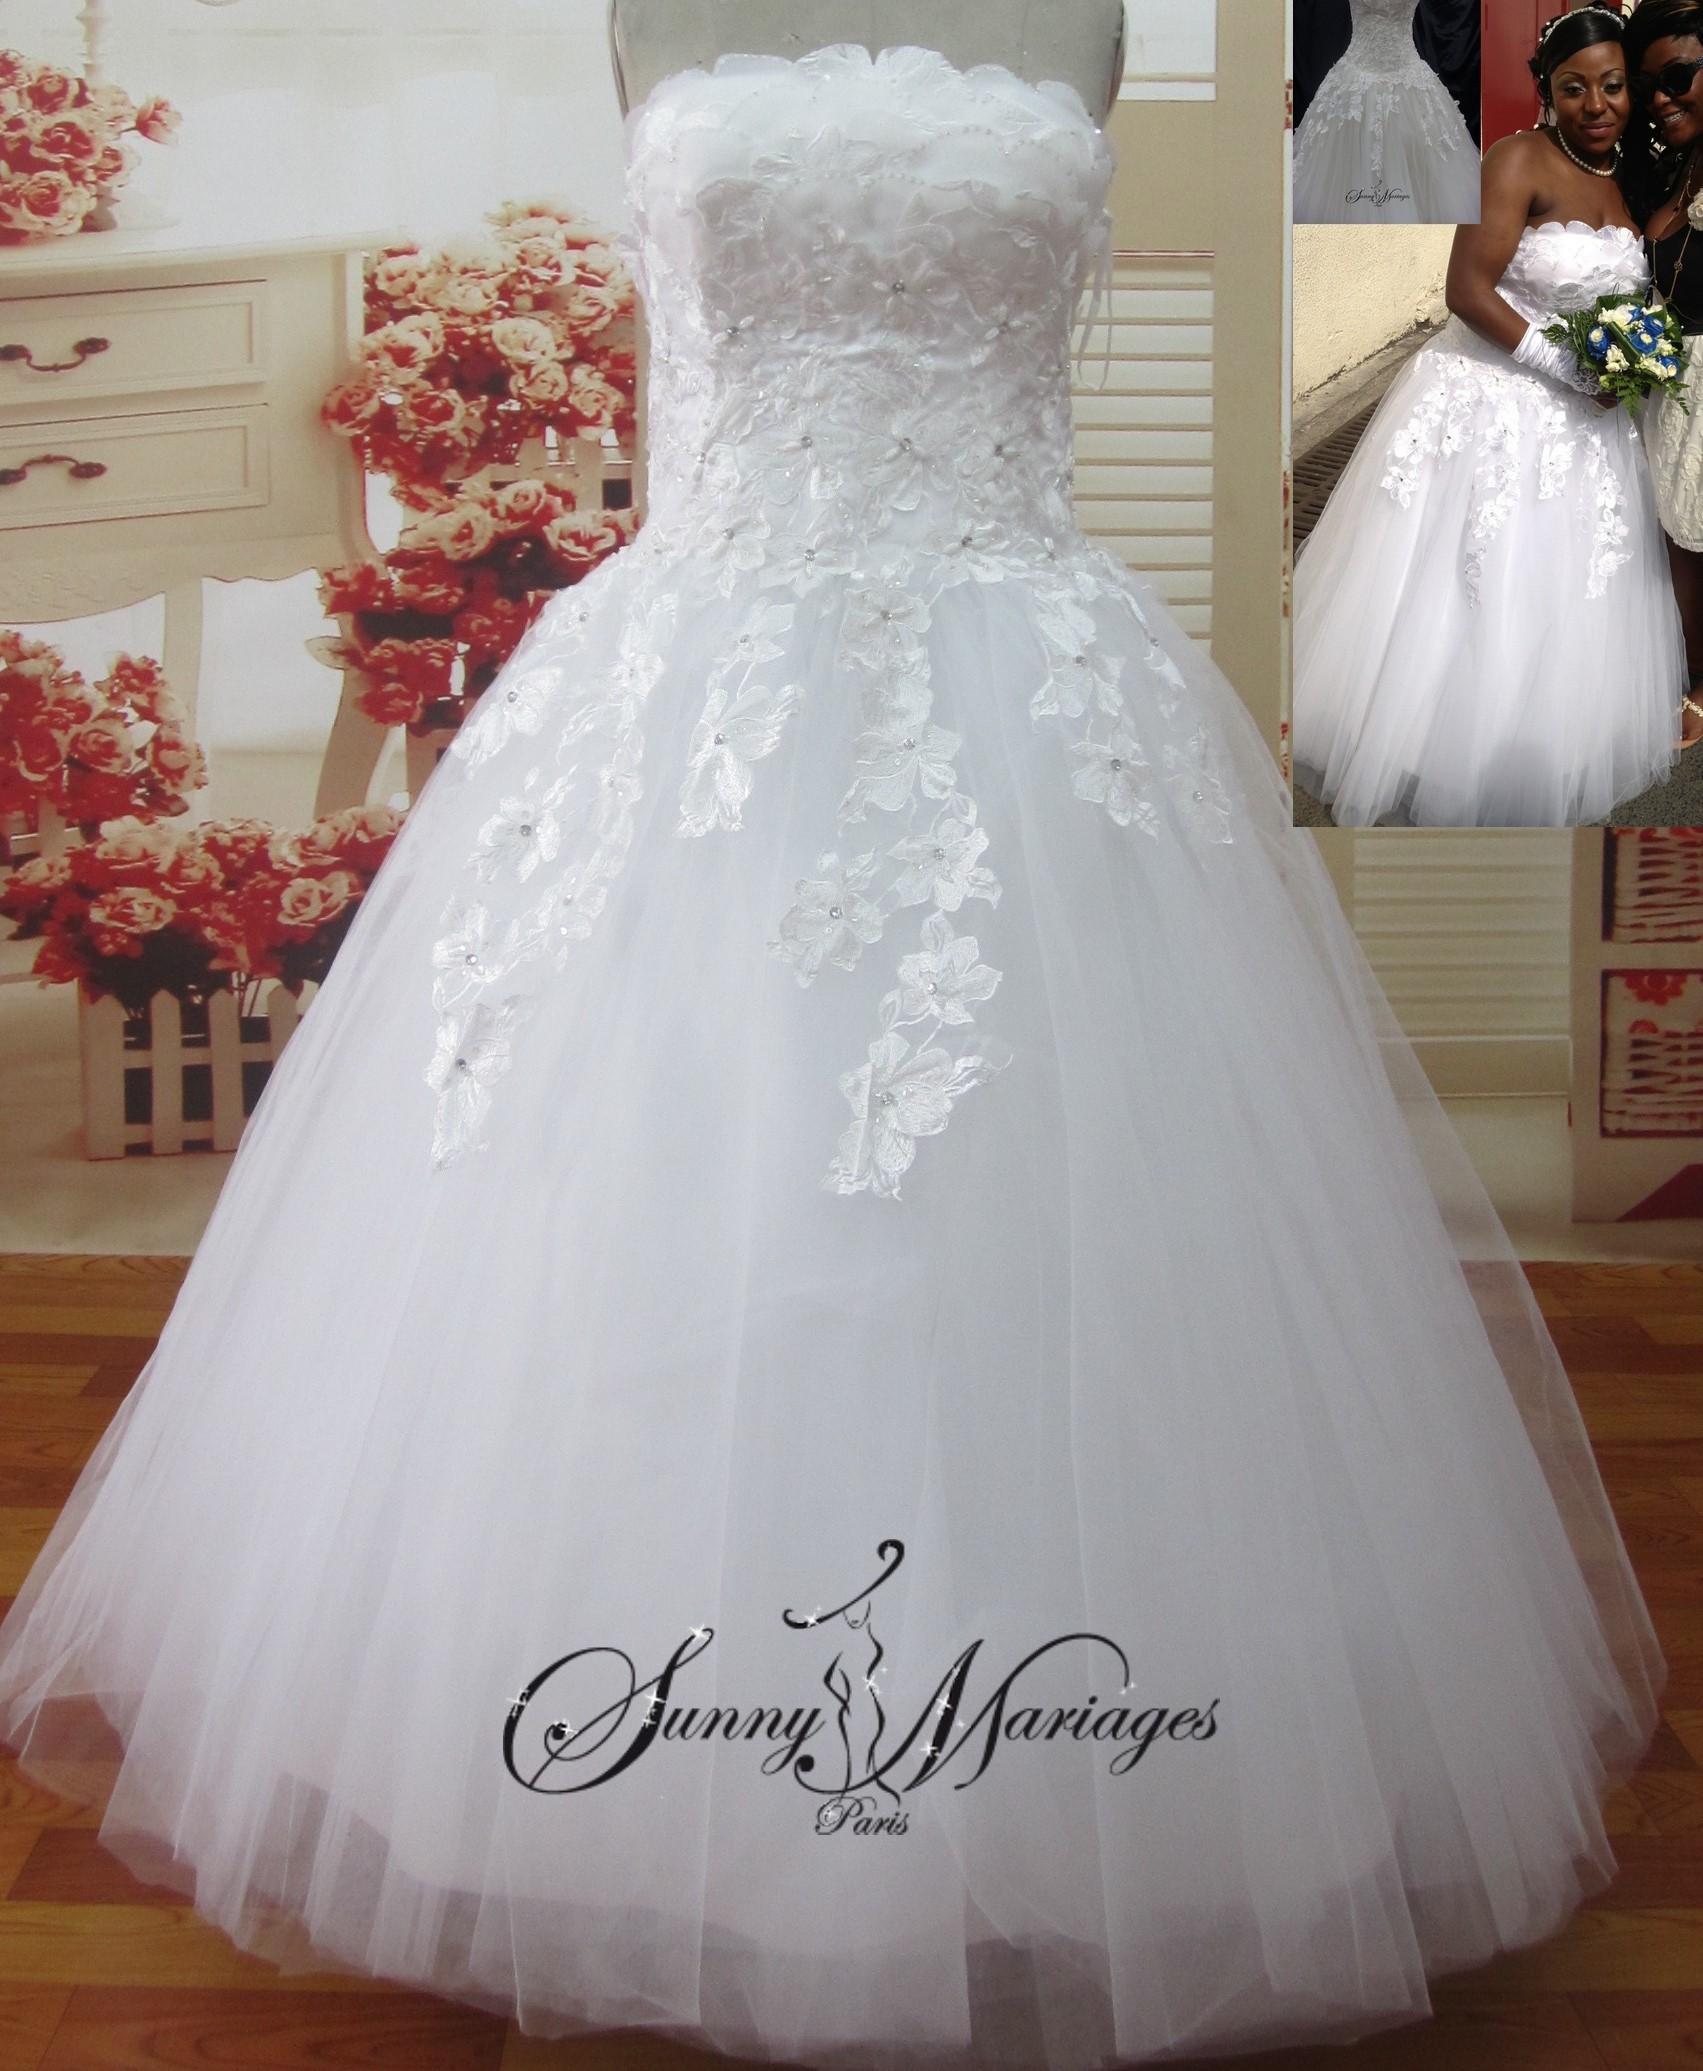 6f75fc52c6f Robes de mariée tulle - Chapka